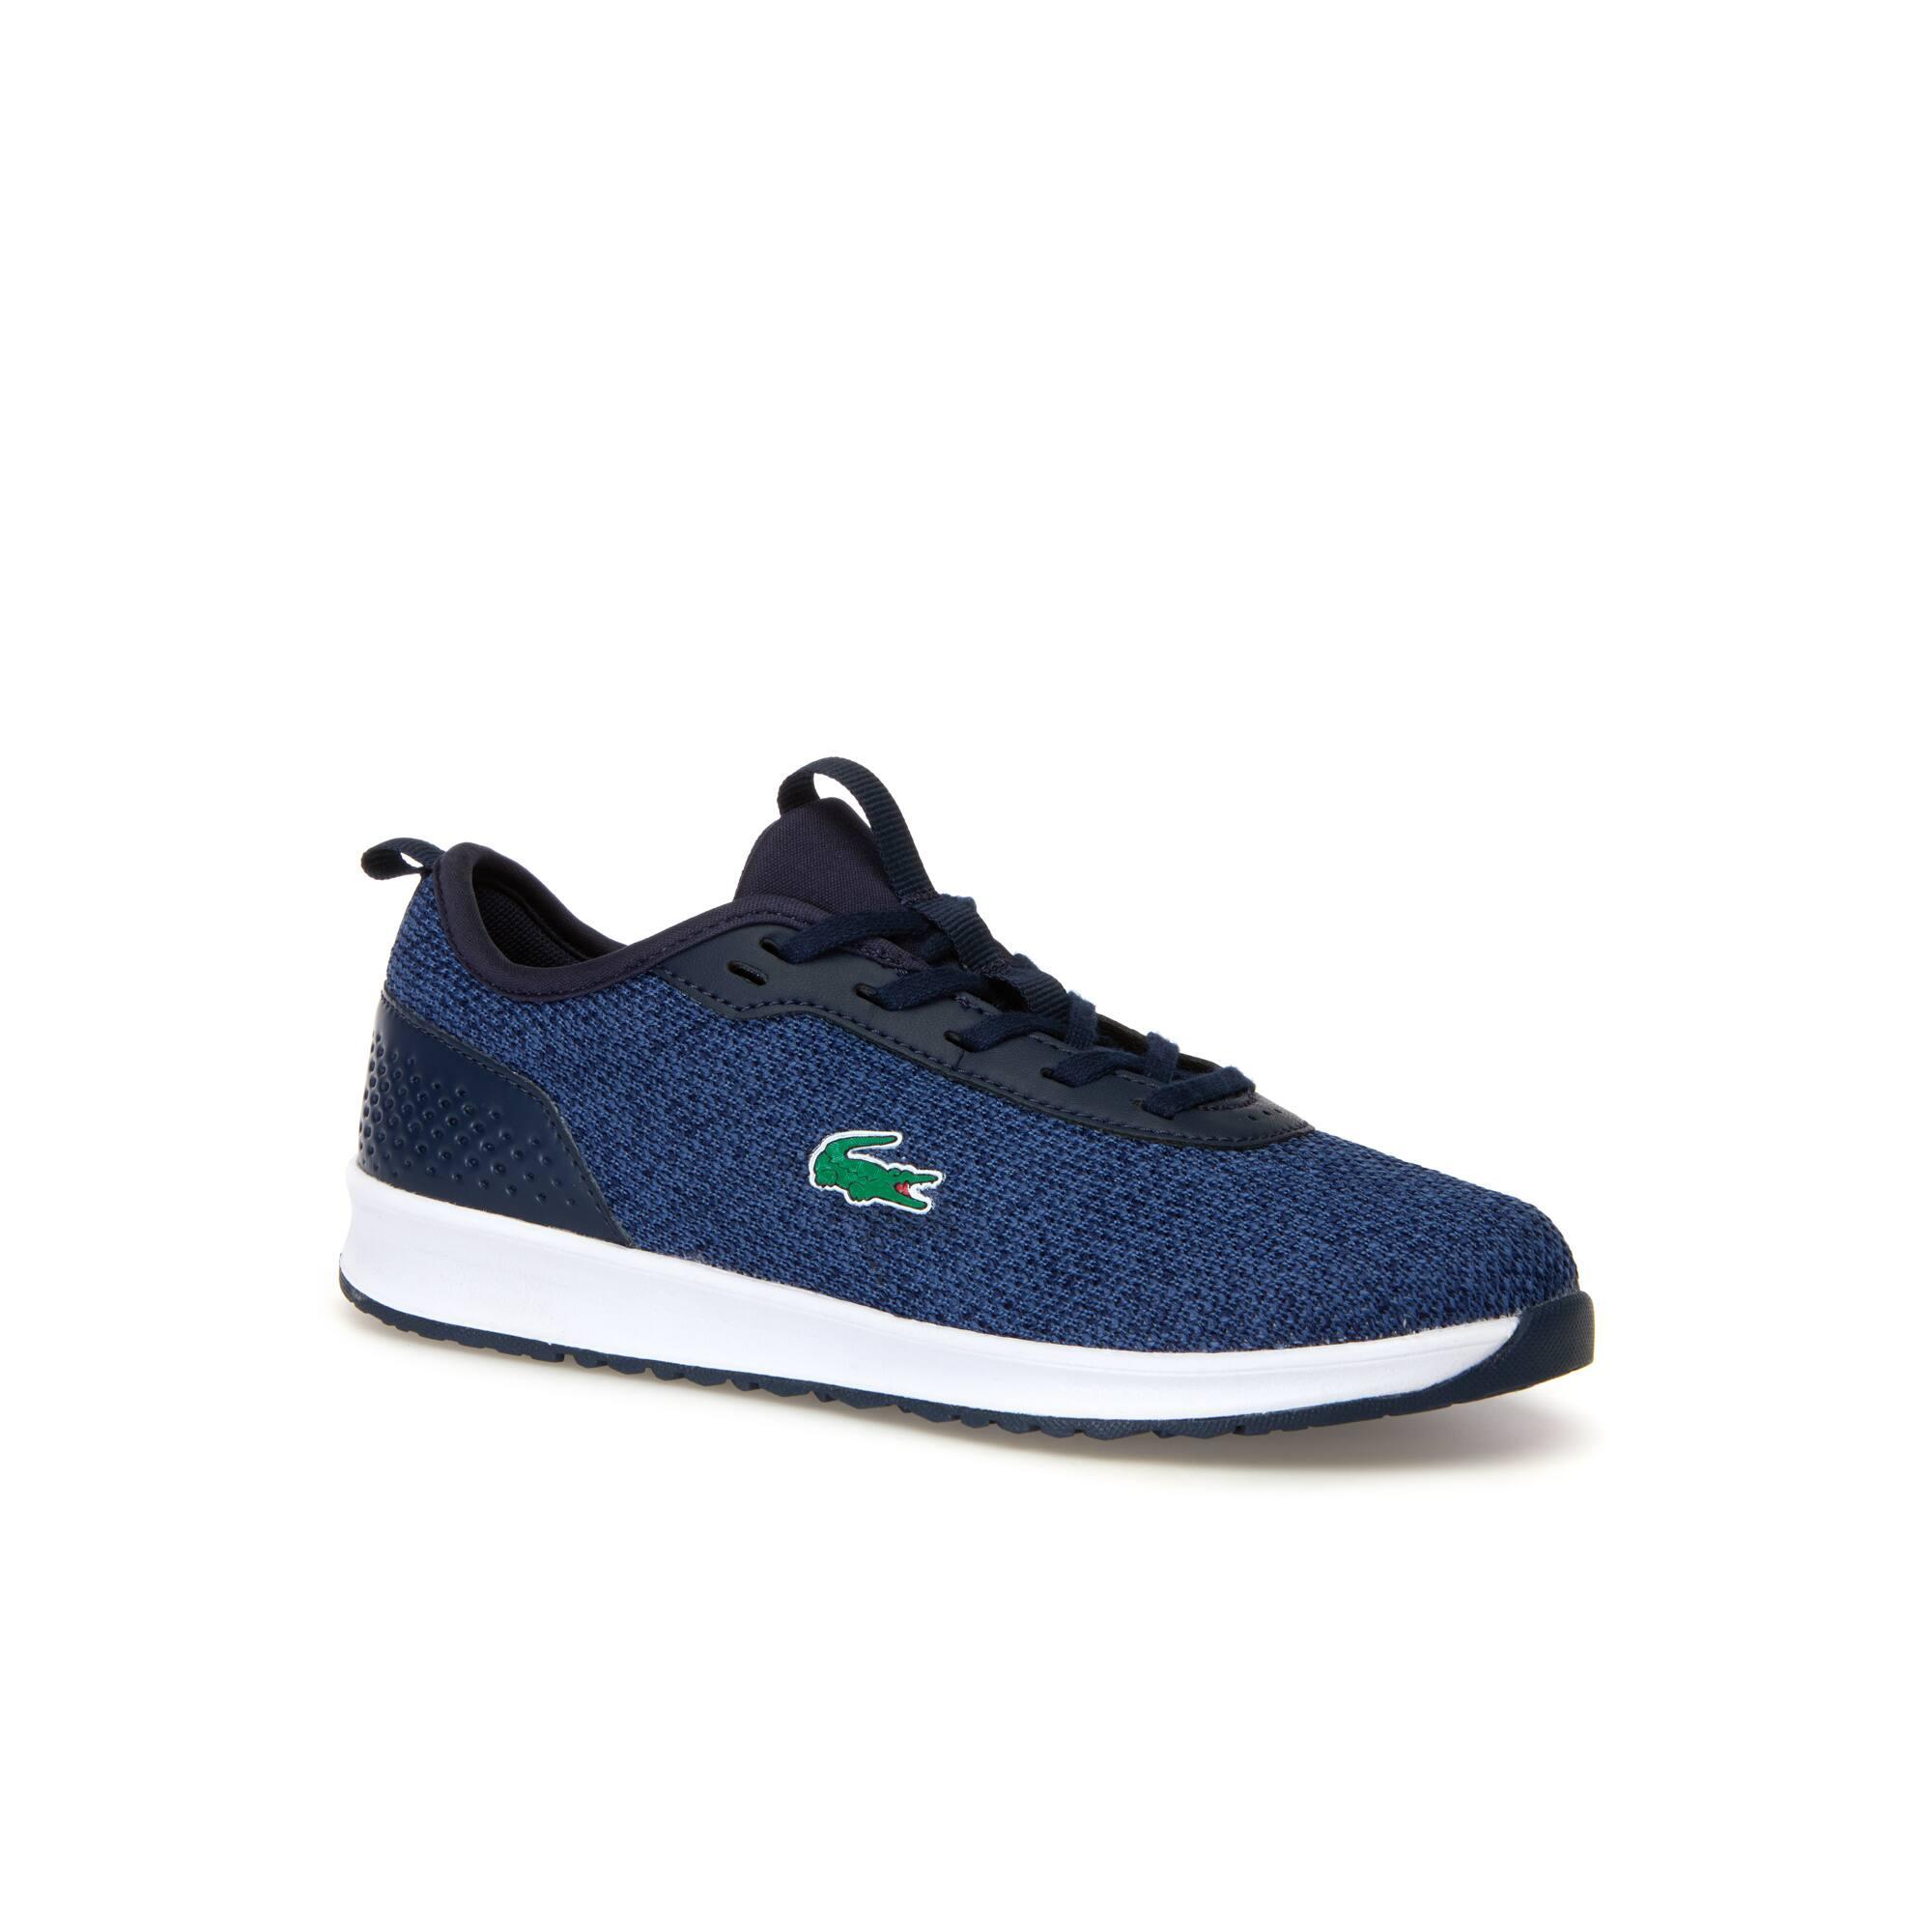 Zapatillas de niño LT Spirit 2.0 de material textil